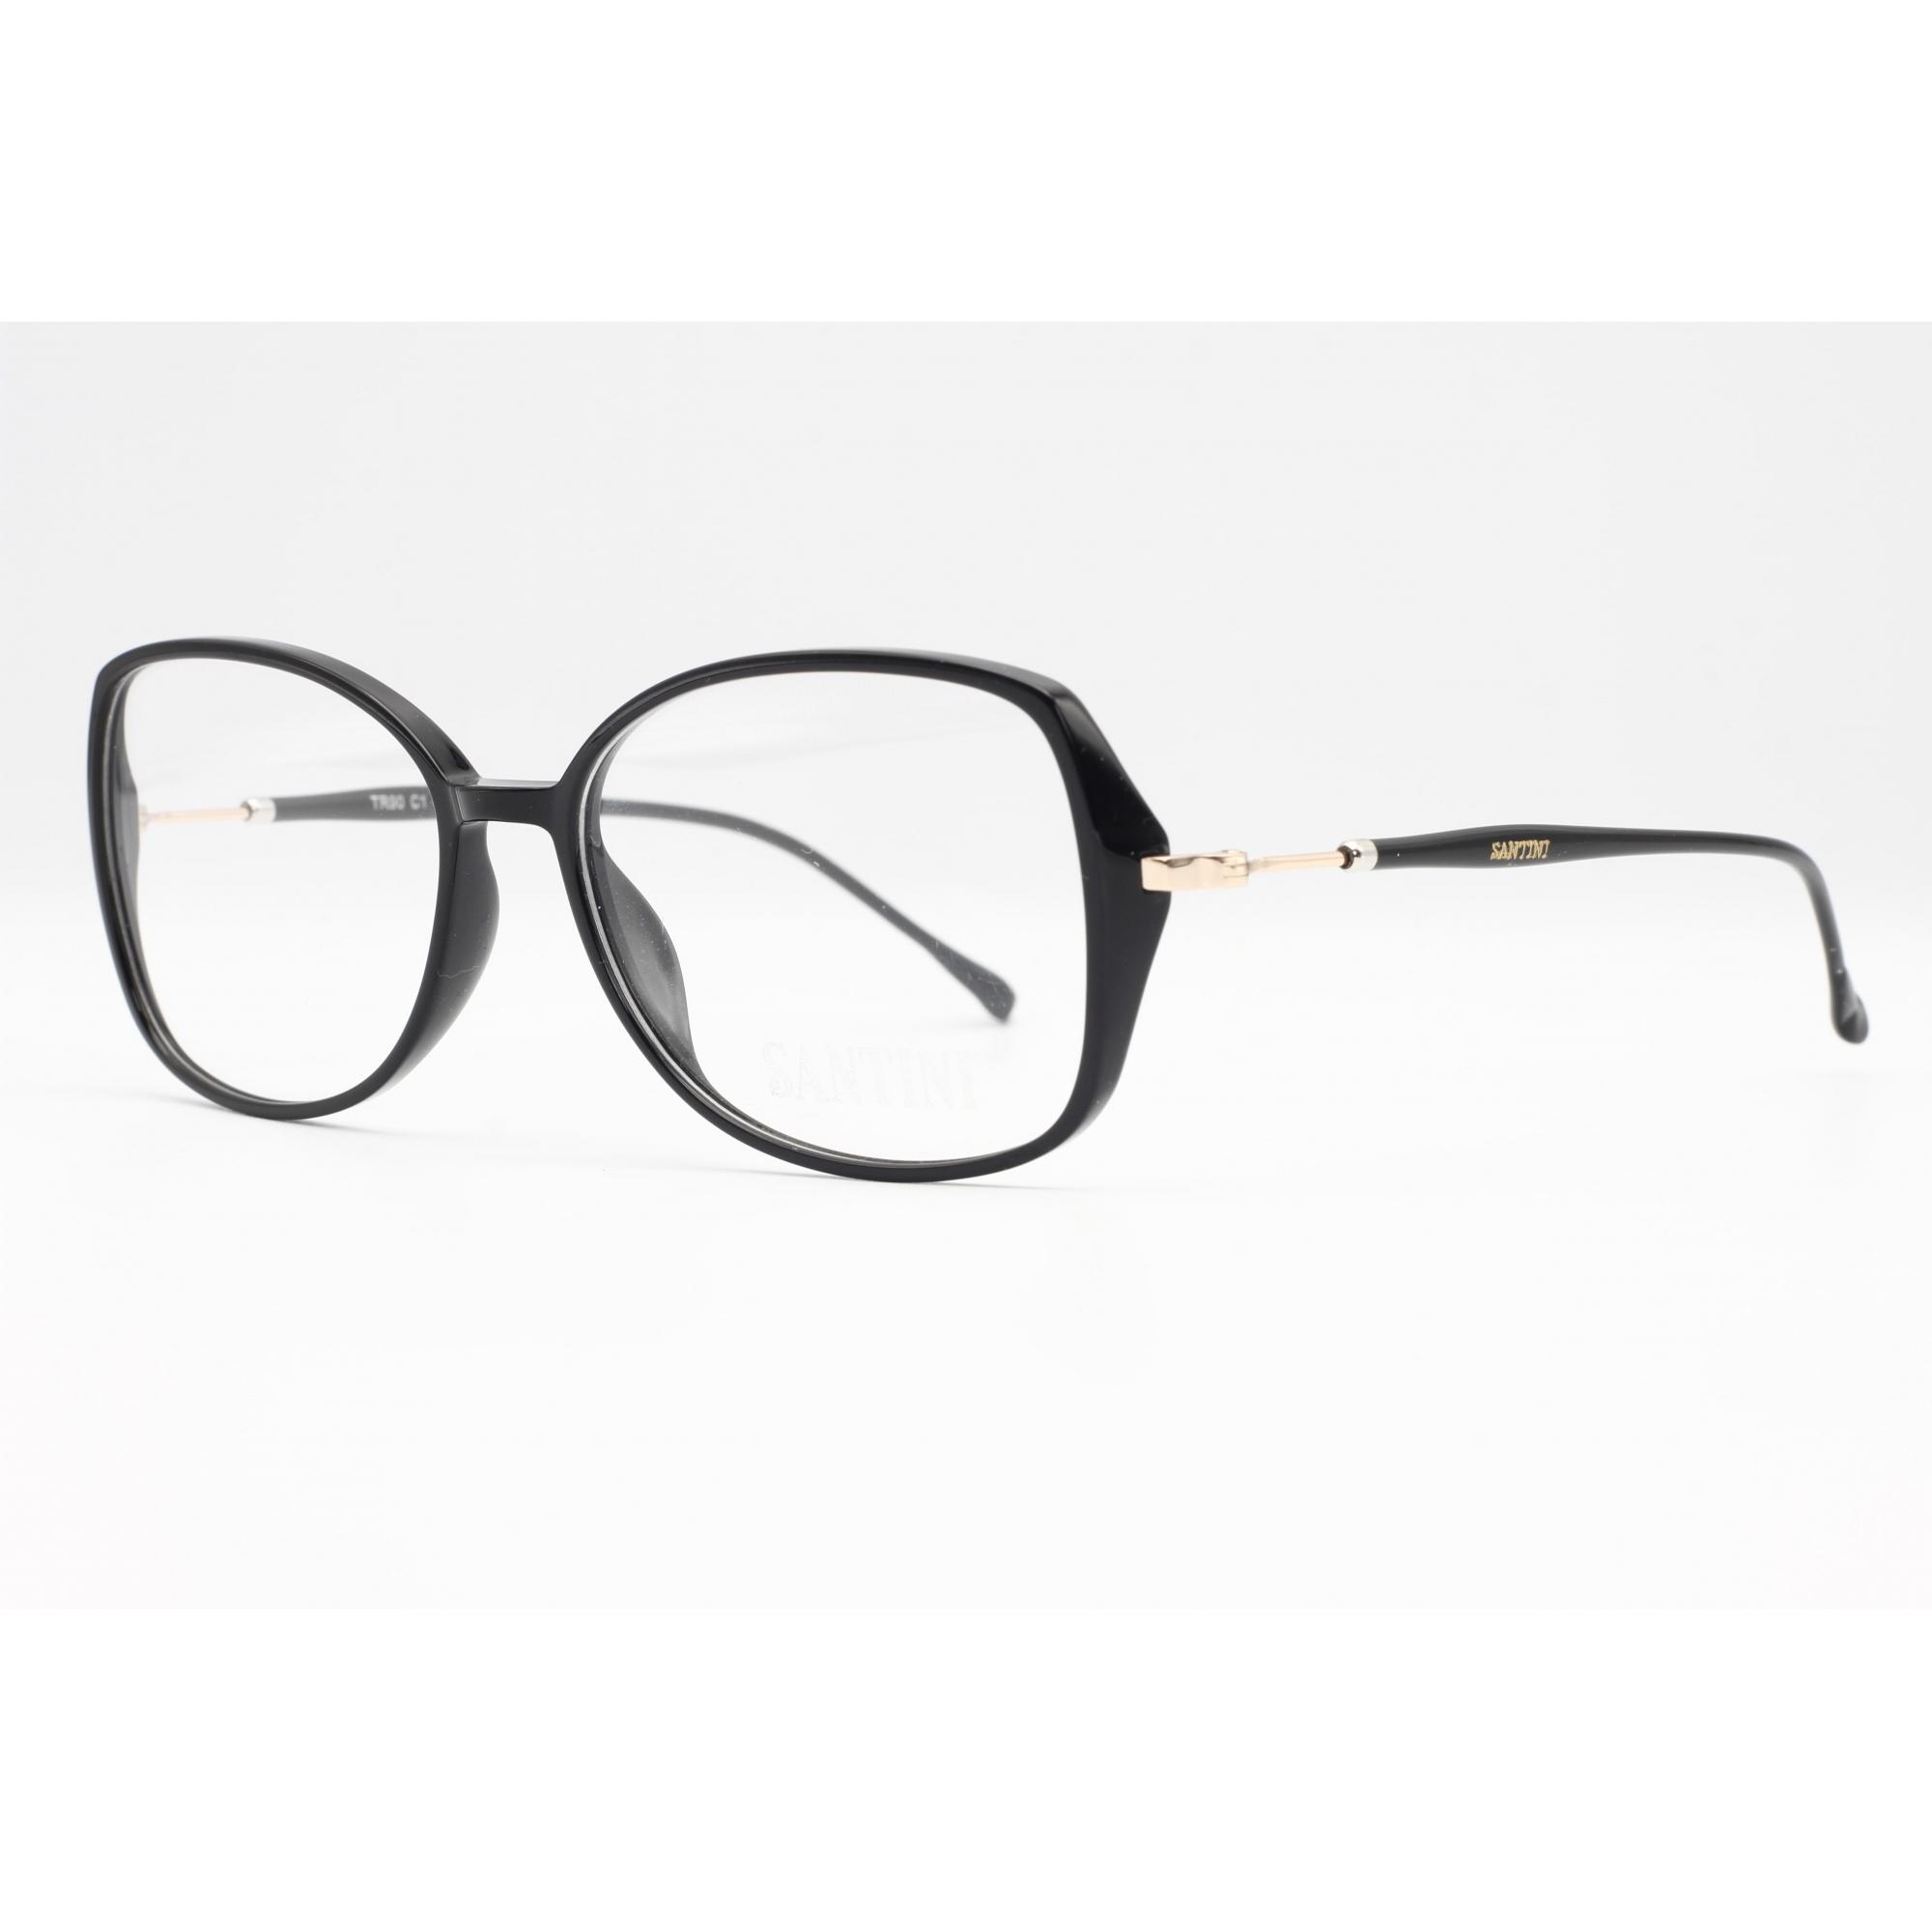 Armação com óculos sem grau, SANTINI em cor Preto Ref SANTMT4206C154